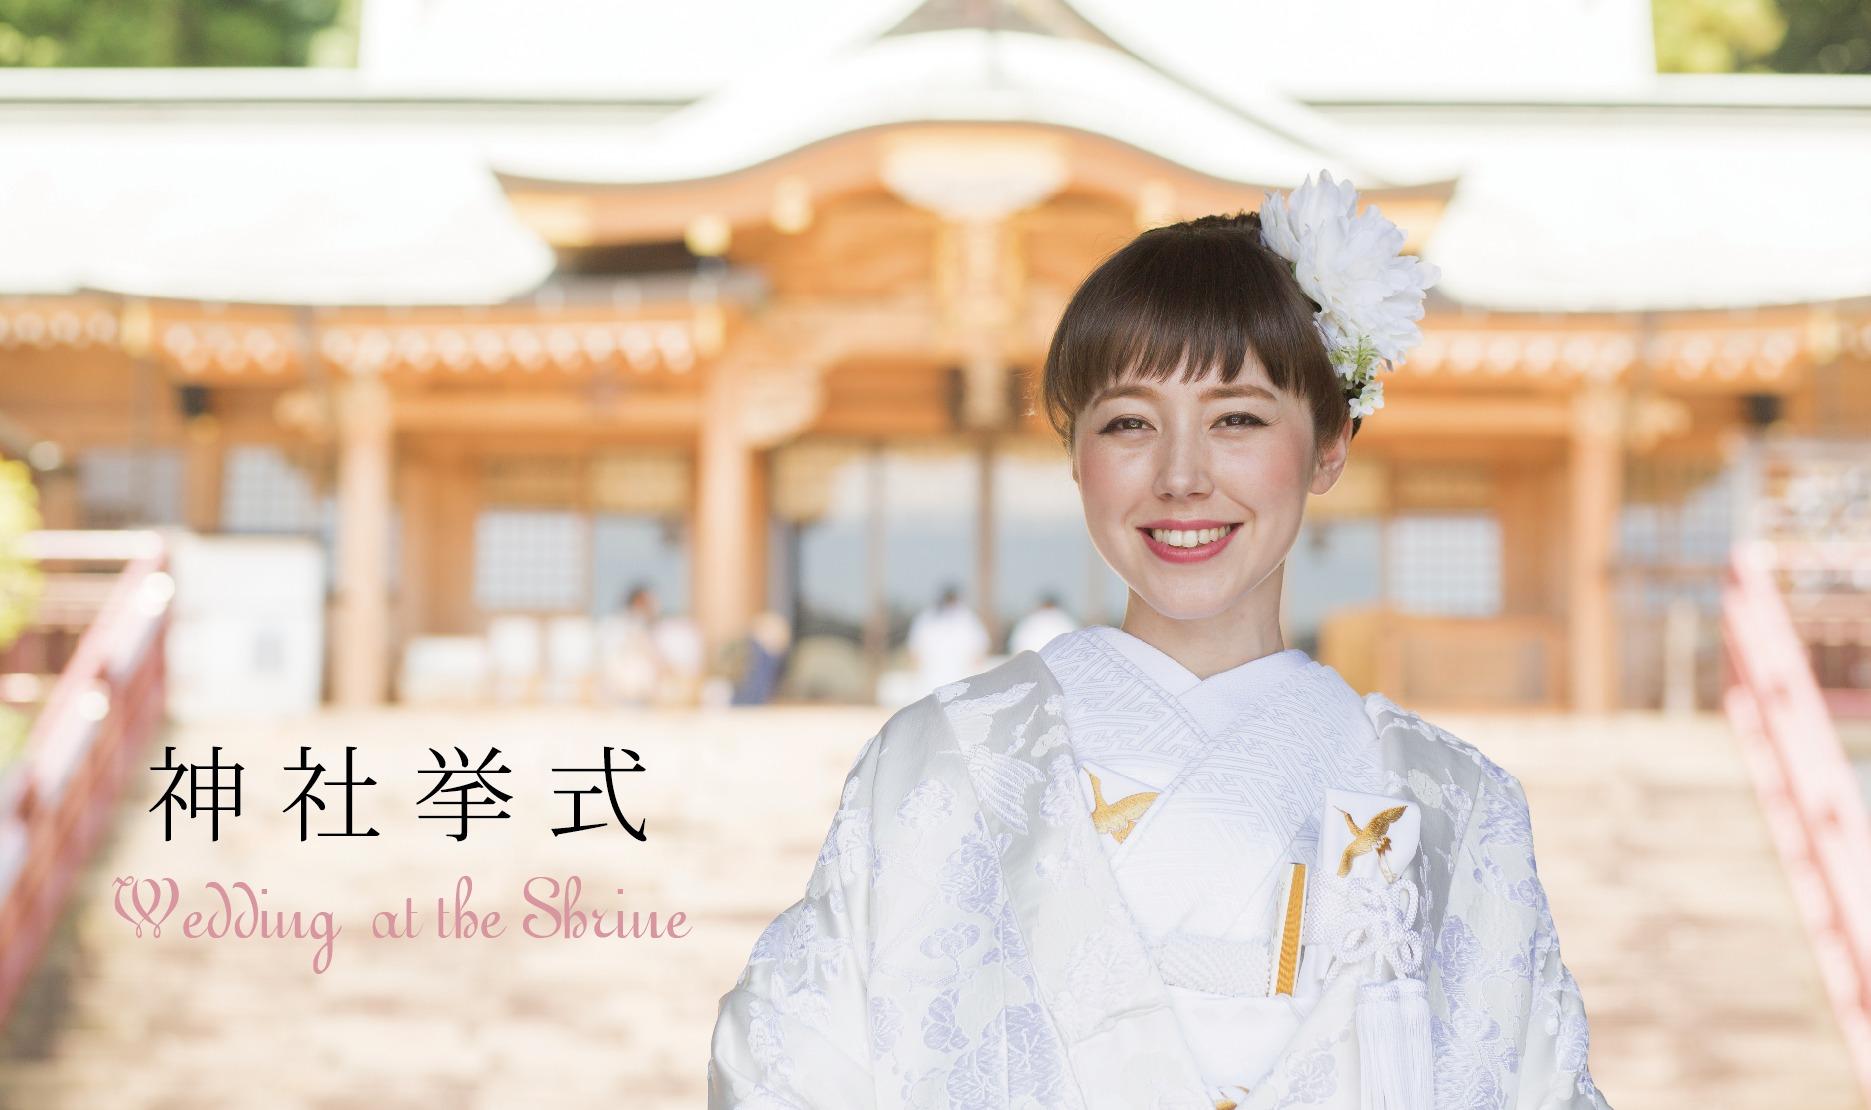 神社挙式 和装結婚式 神前式 神社結婚式